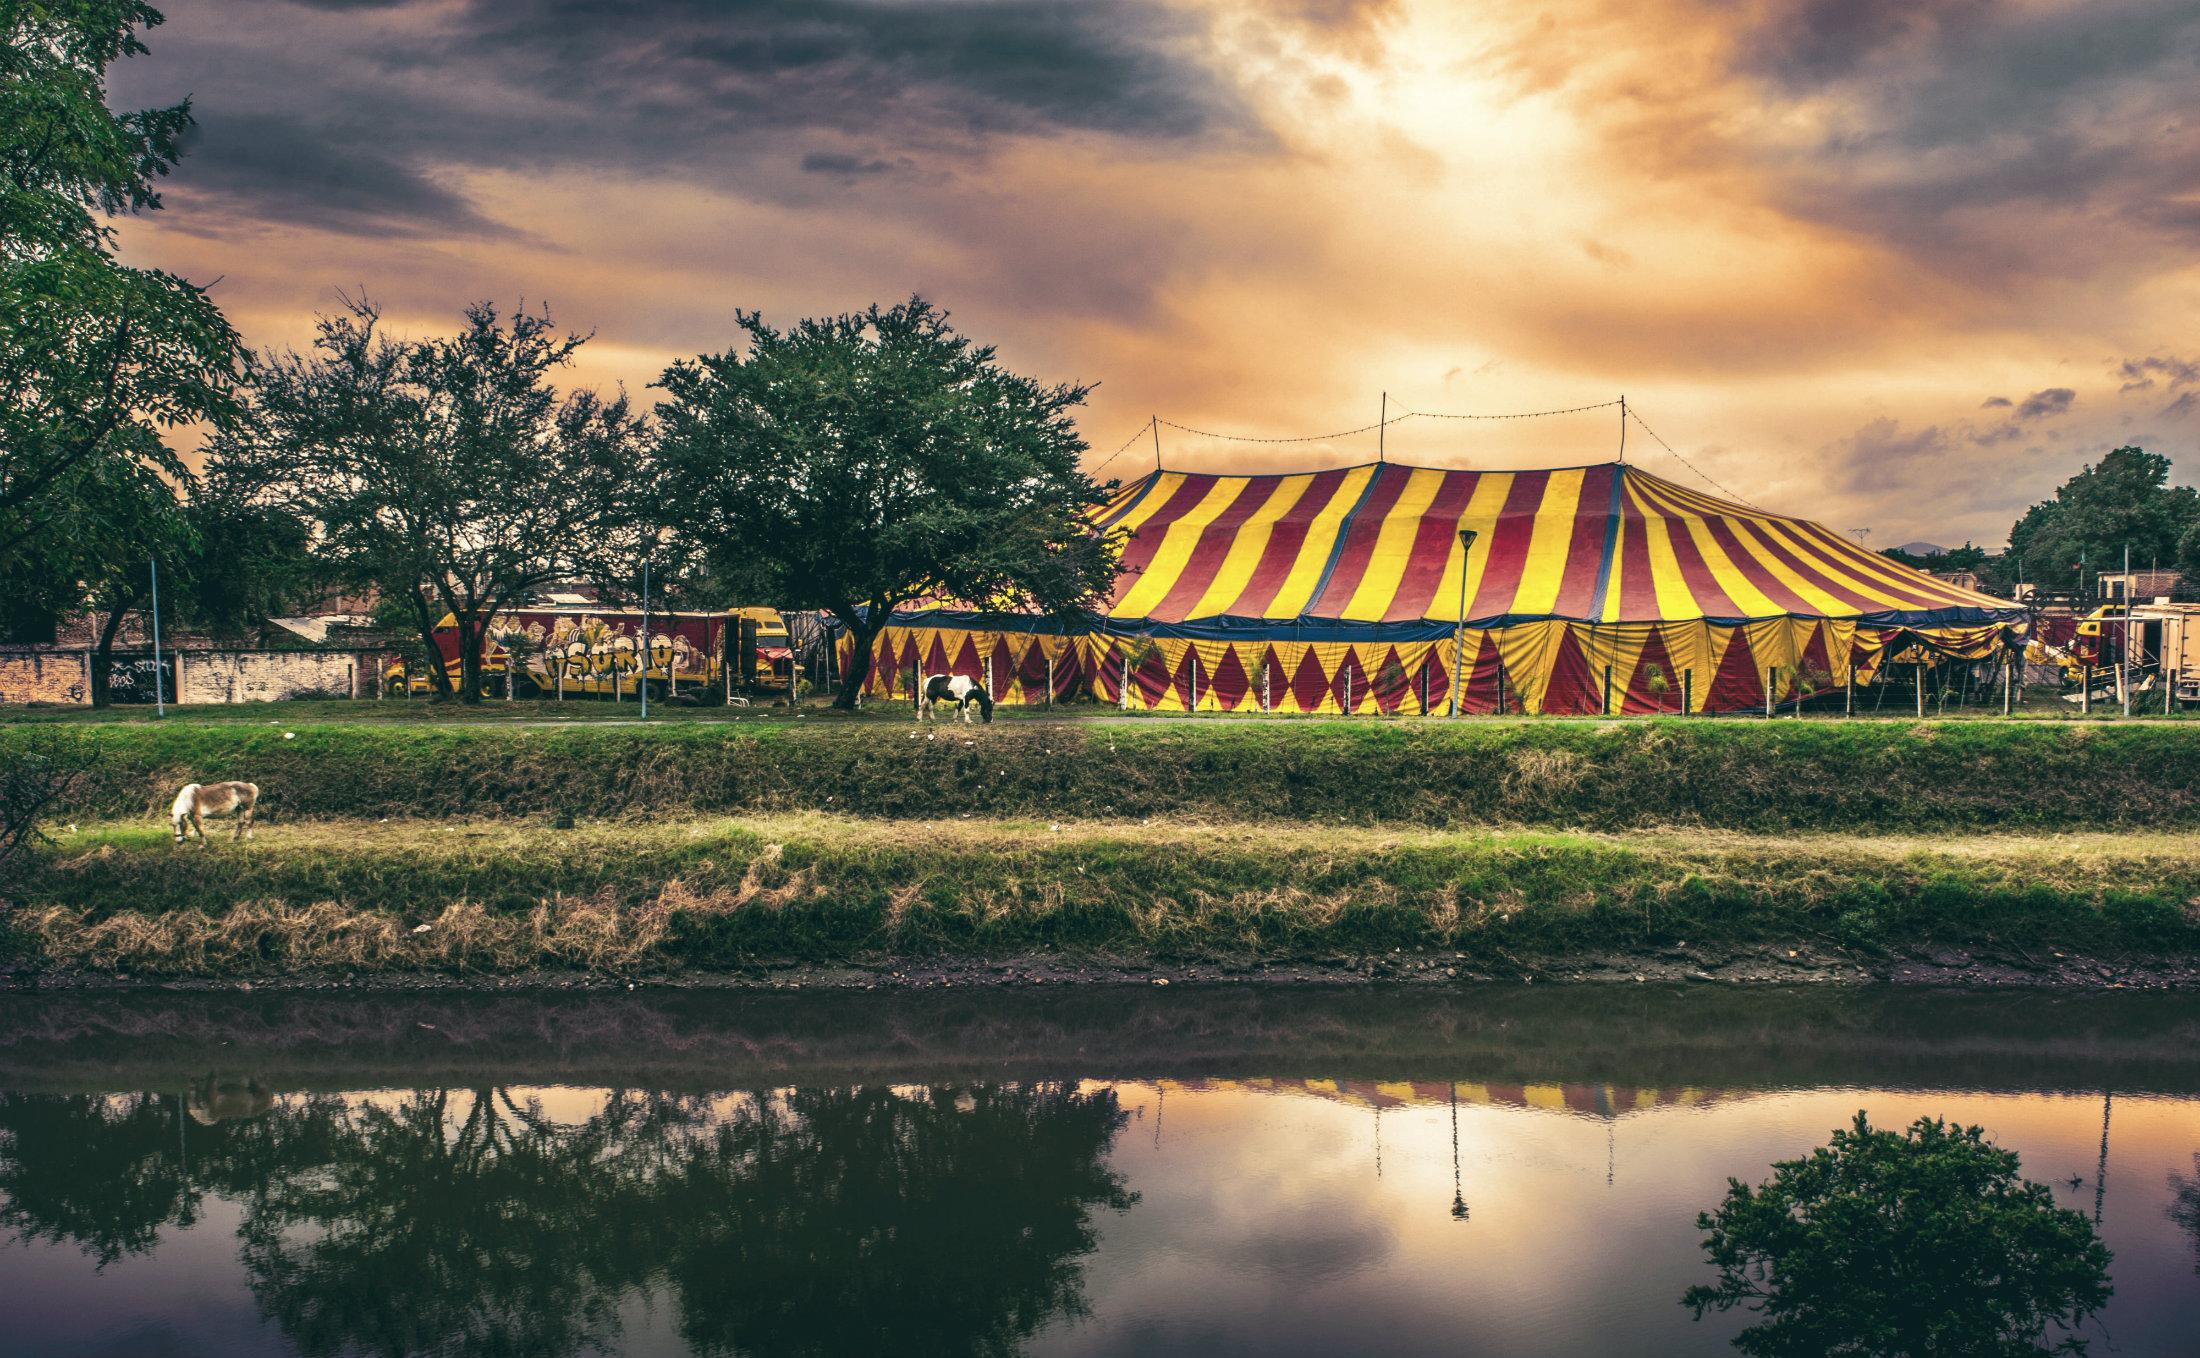 Ein Zirkus am Ufer